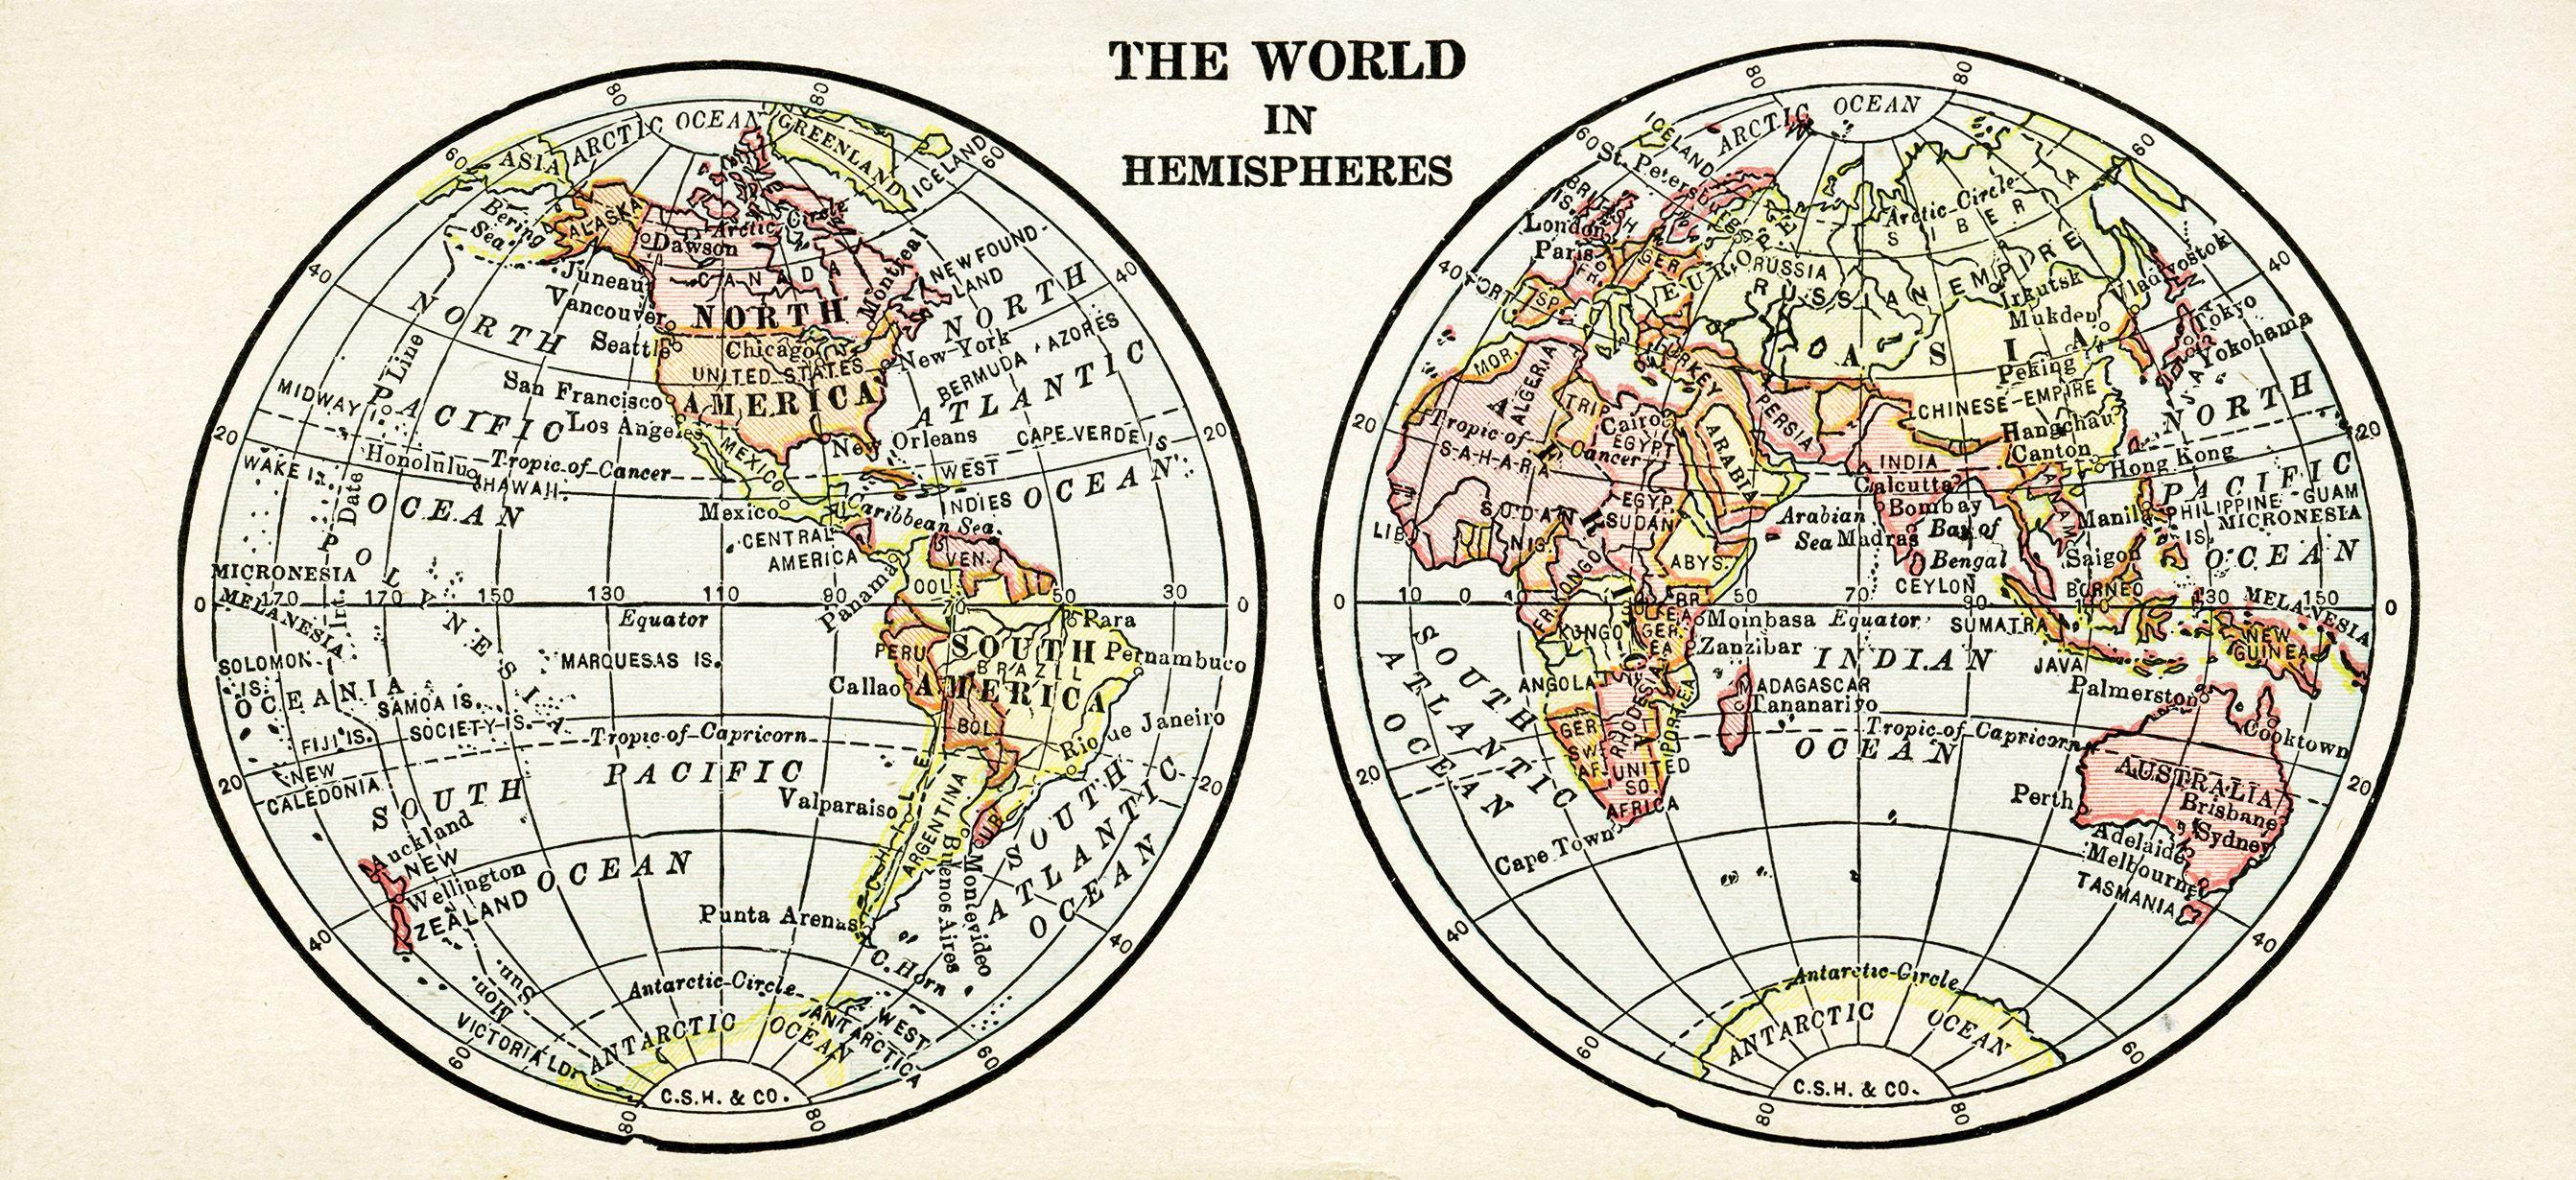 World in hemispheres free vintage image world map clip art world in hemispheres free vintage image world map clip art antique map graphics old geography illustration gumiabroncs Choice Image